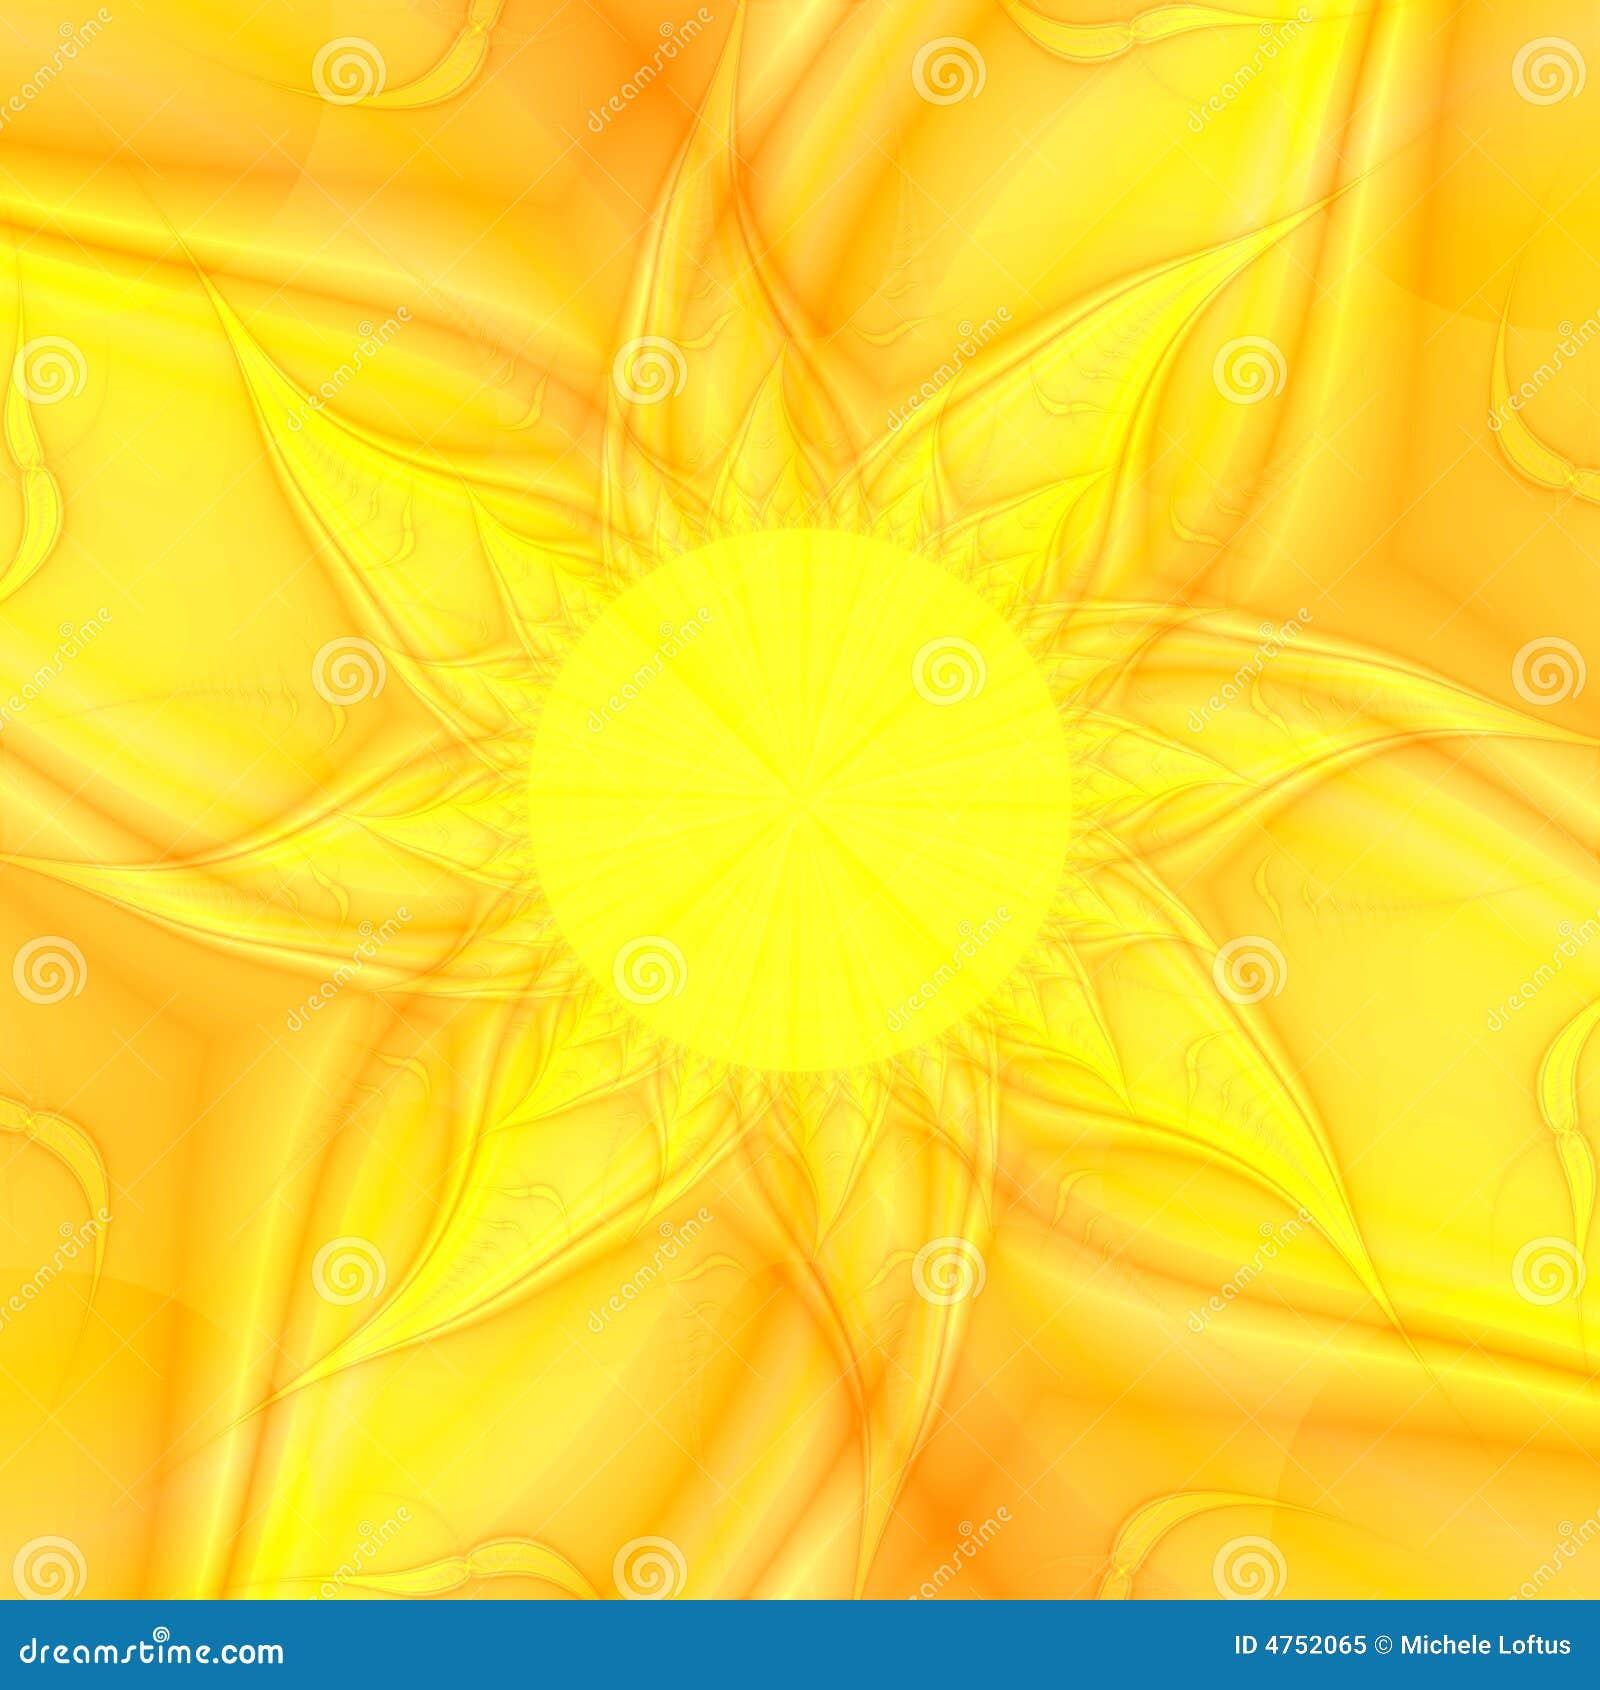 Fondo amarillo asoleado stock de ilustracin ilustracin de fondo amarillo asoleado thecheapjerseys Images